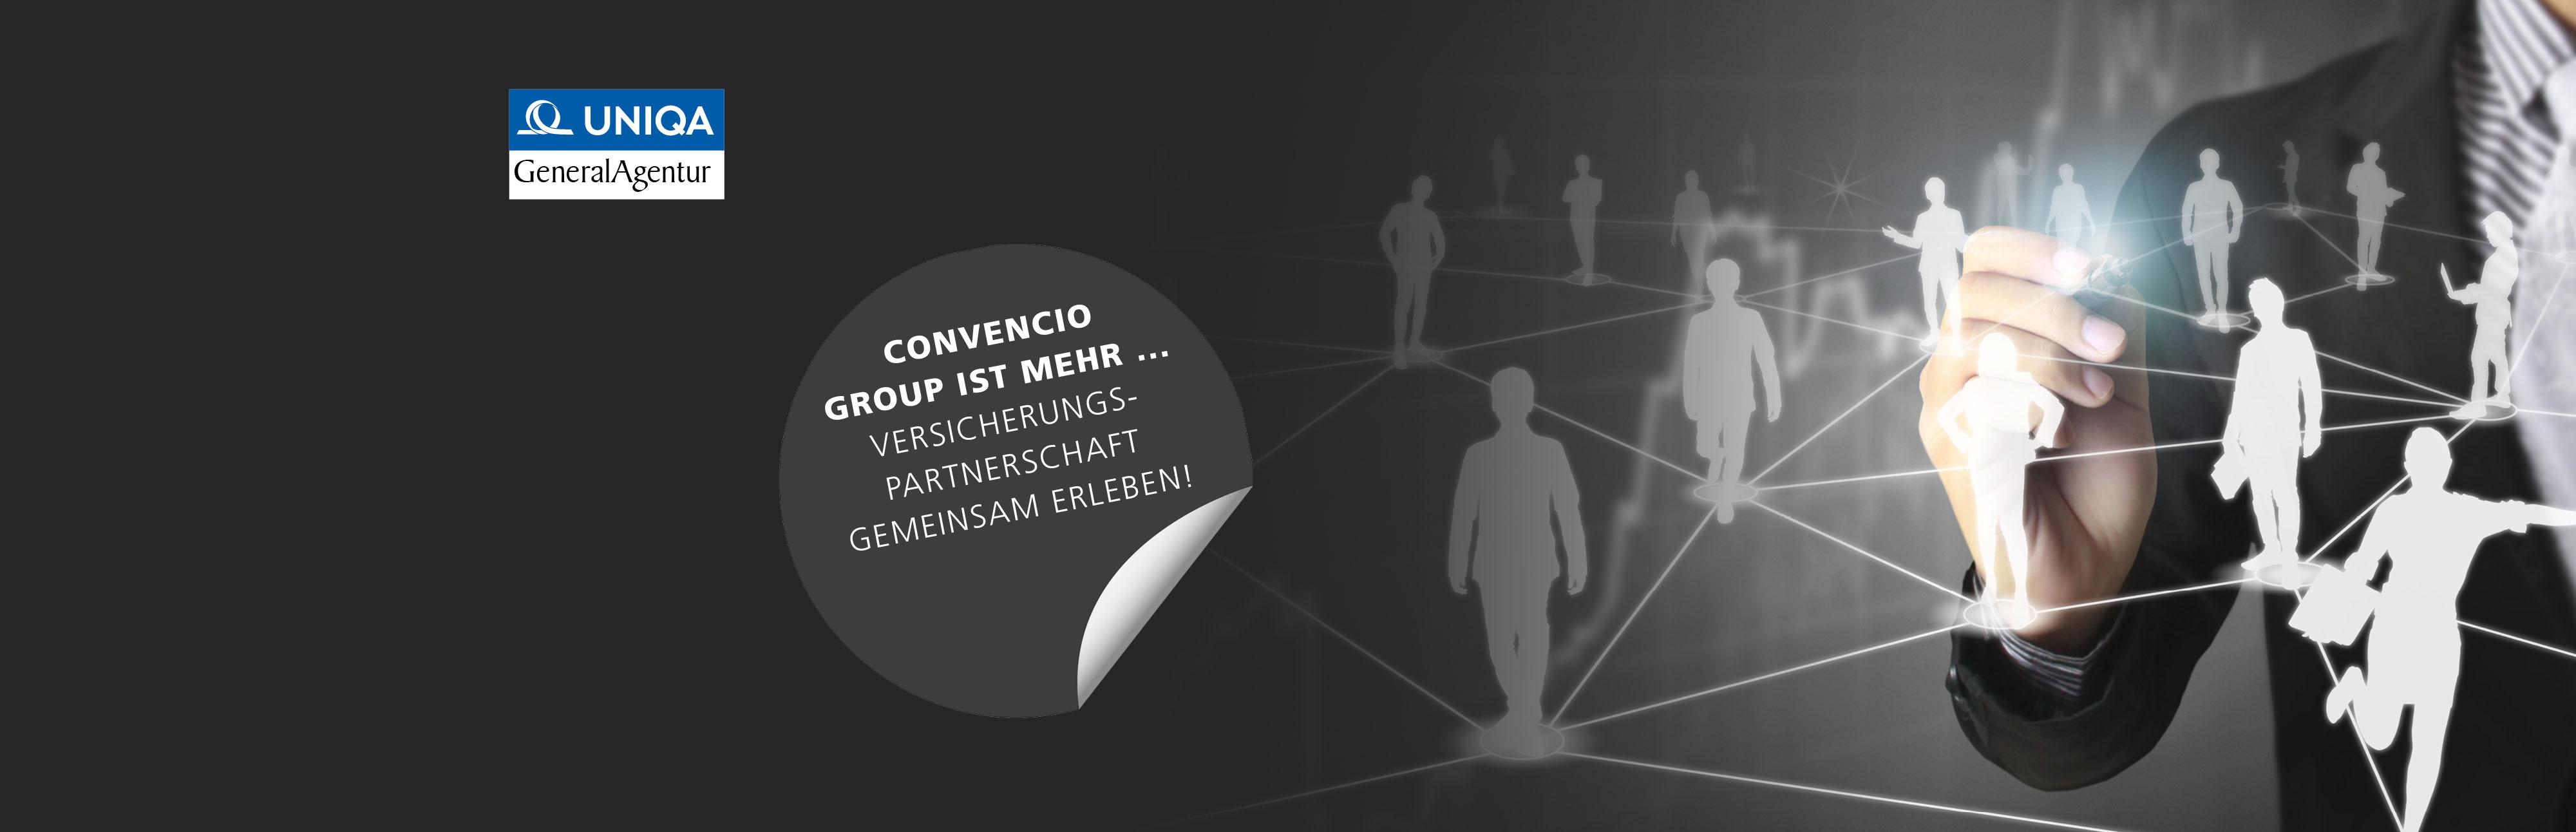 convencio_header